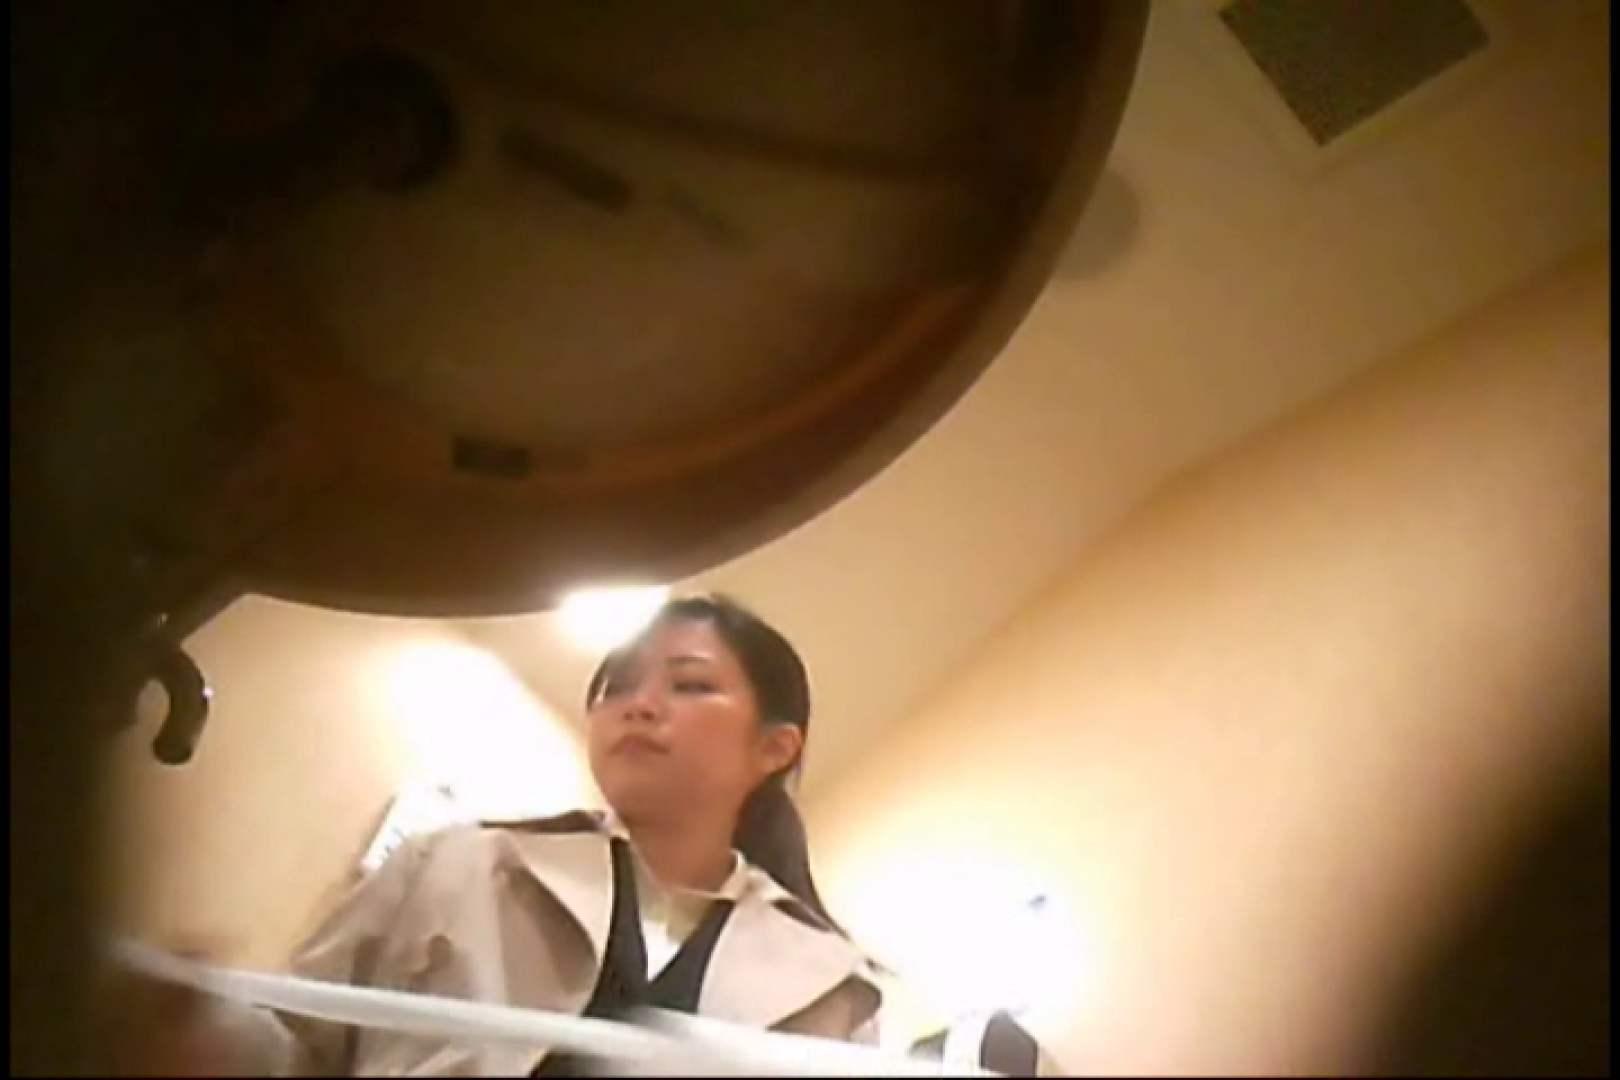 潜入!!女子化粧室盗撮~絶対見られたくない時間~vo,79 超エロお姉さん すけべAV動画紹介 99枚 96